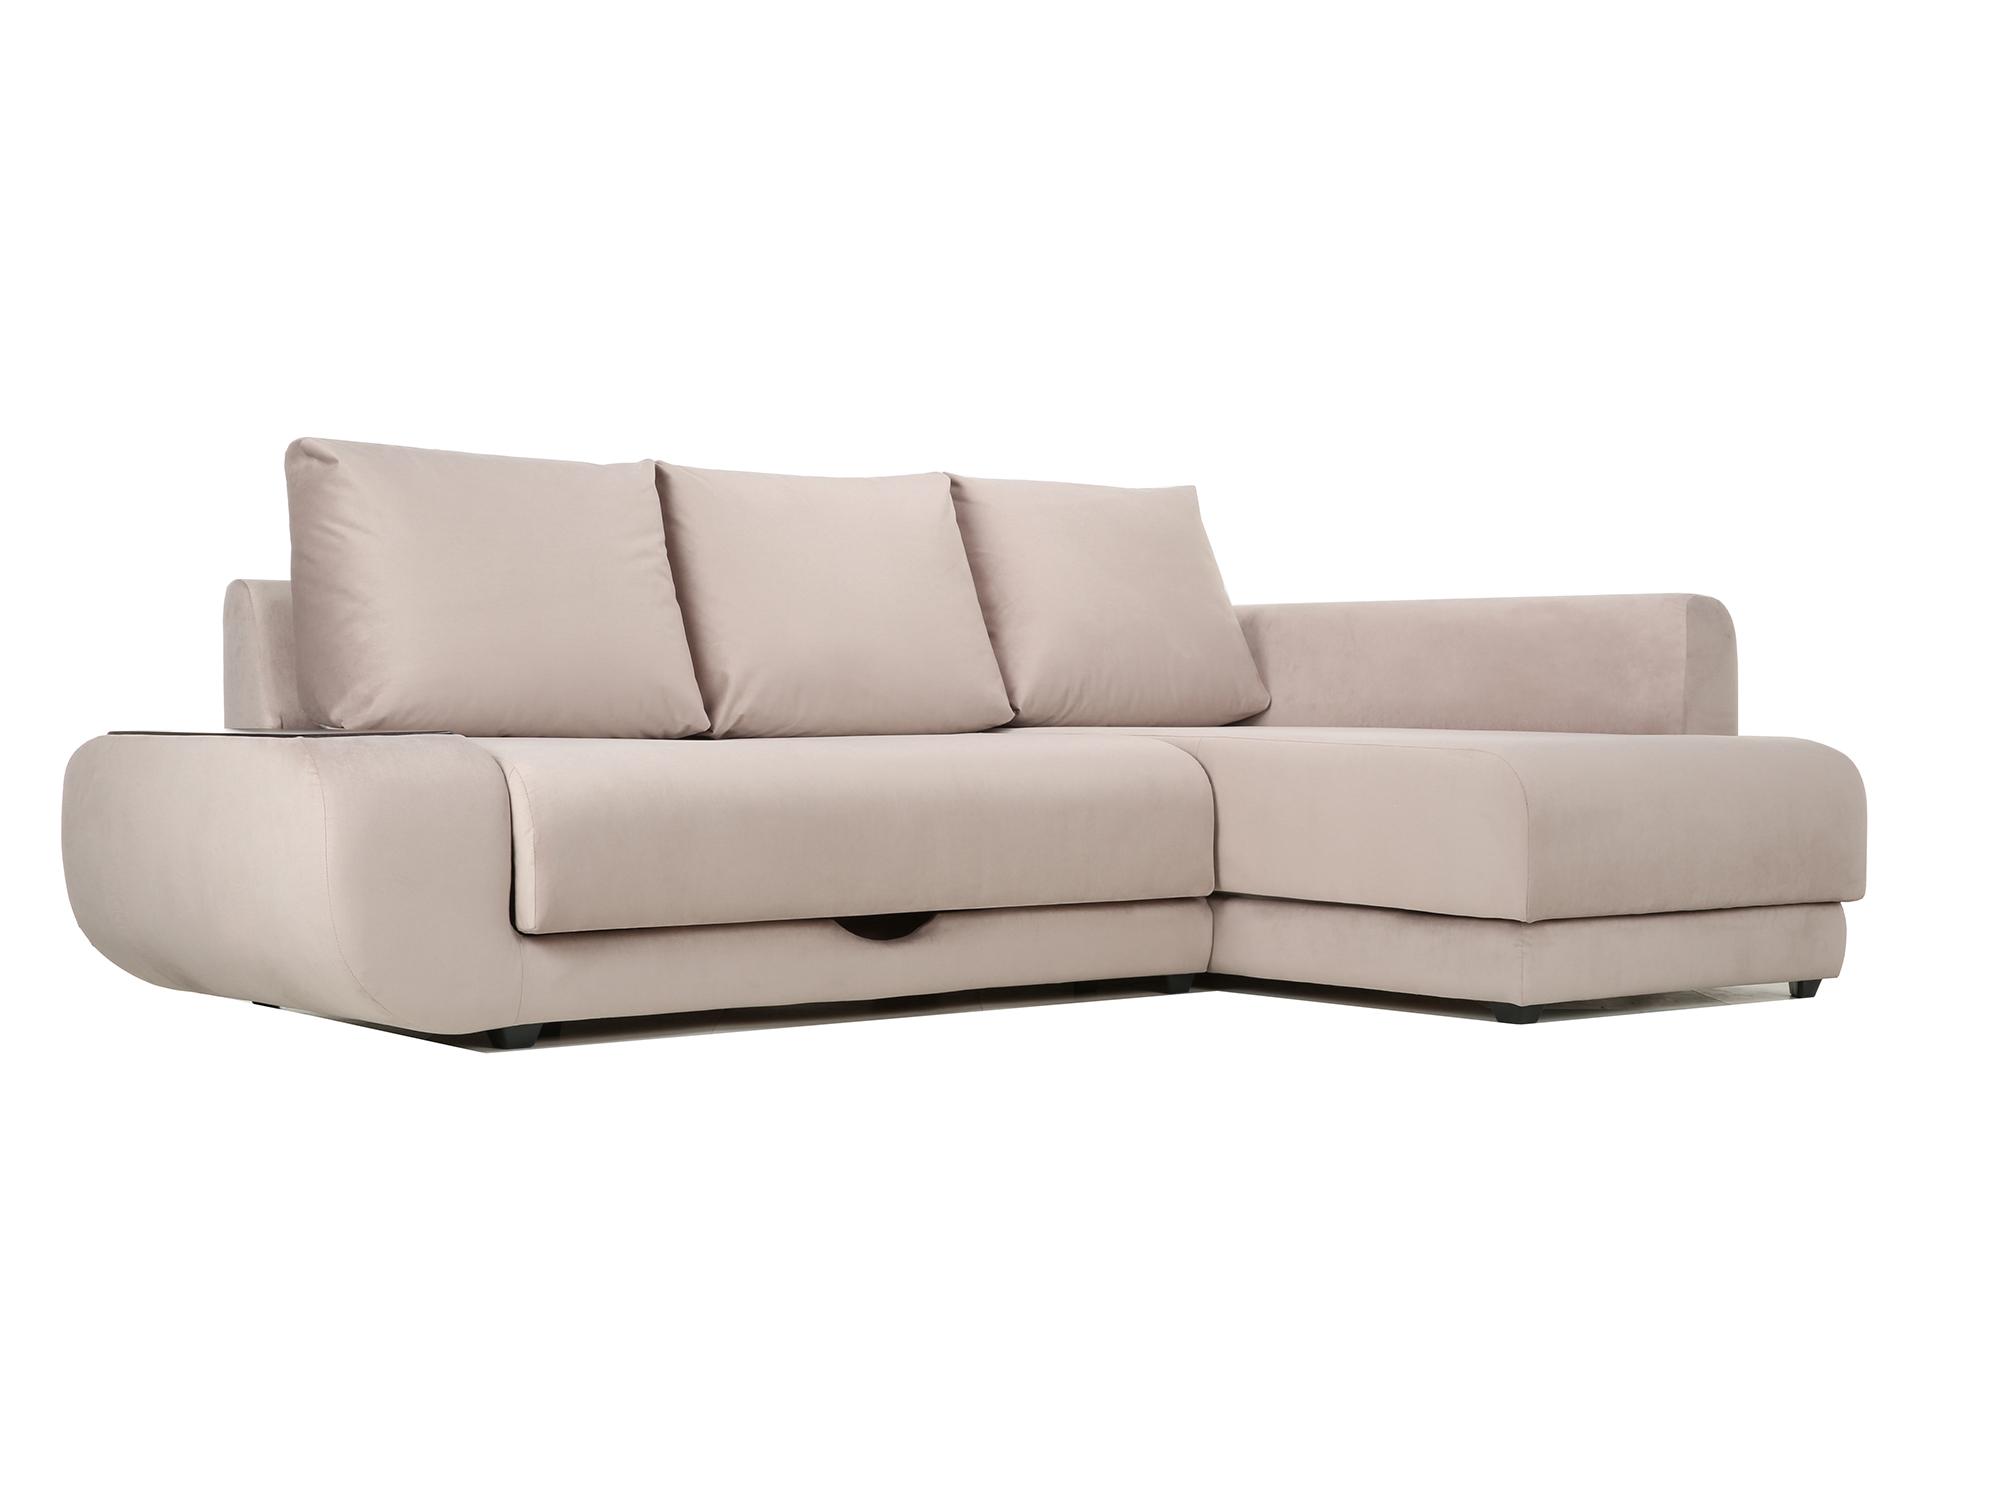 Угловой диван с независимым пружинным блоком Поло ПБ (Нью-Йорк) Правый MebelVia Бежевый